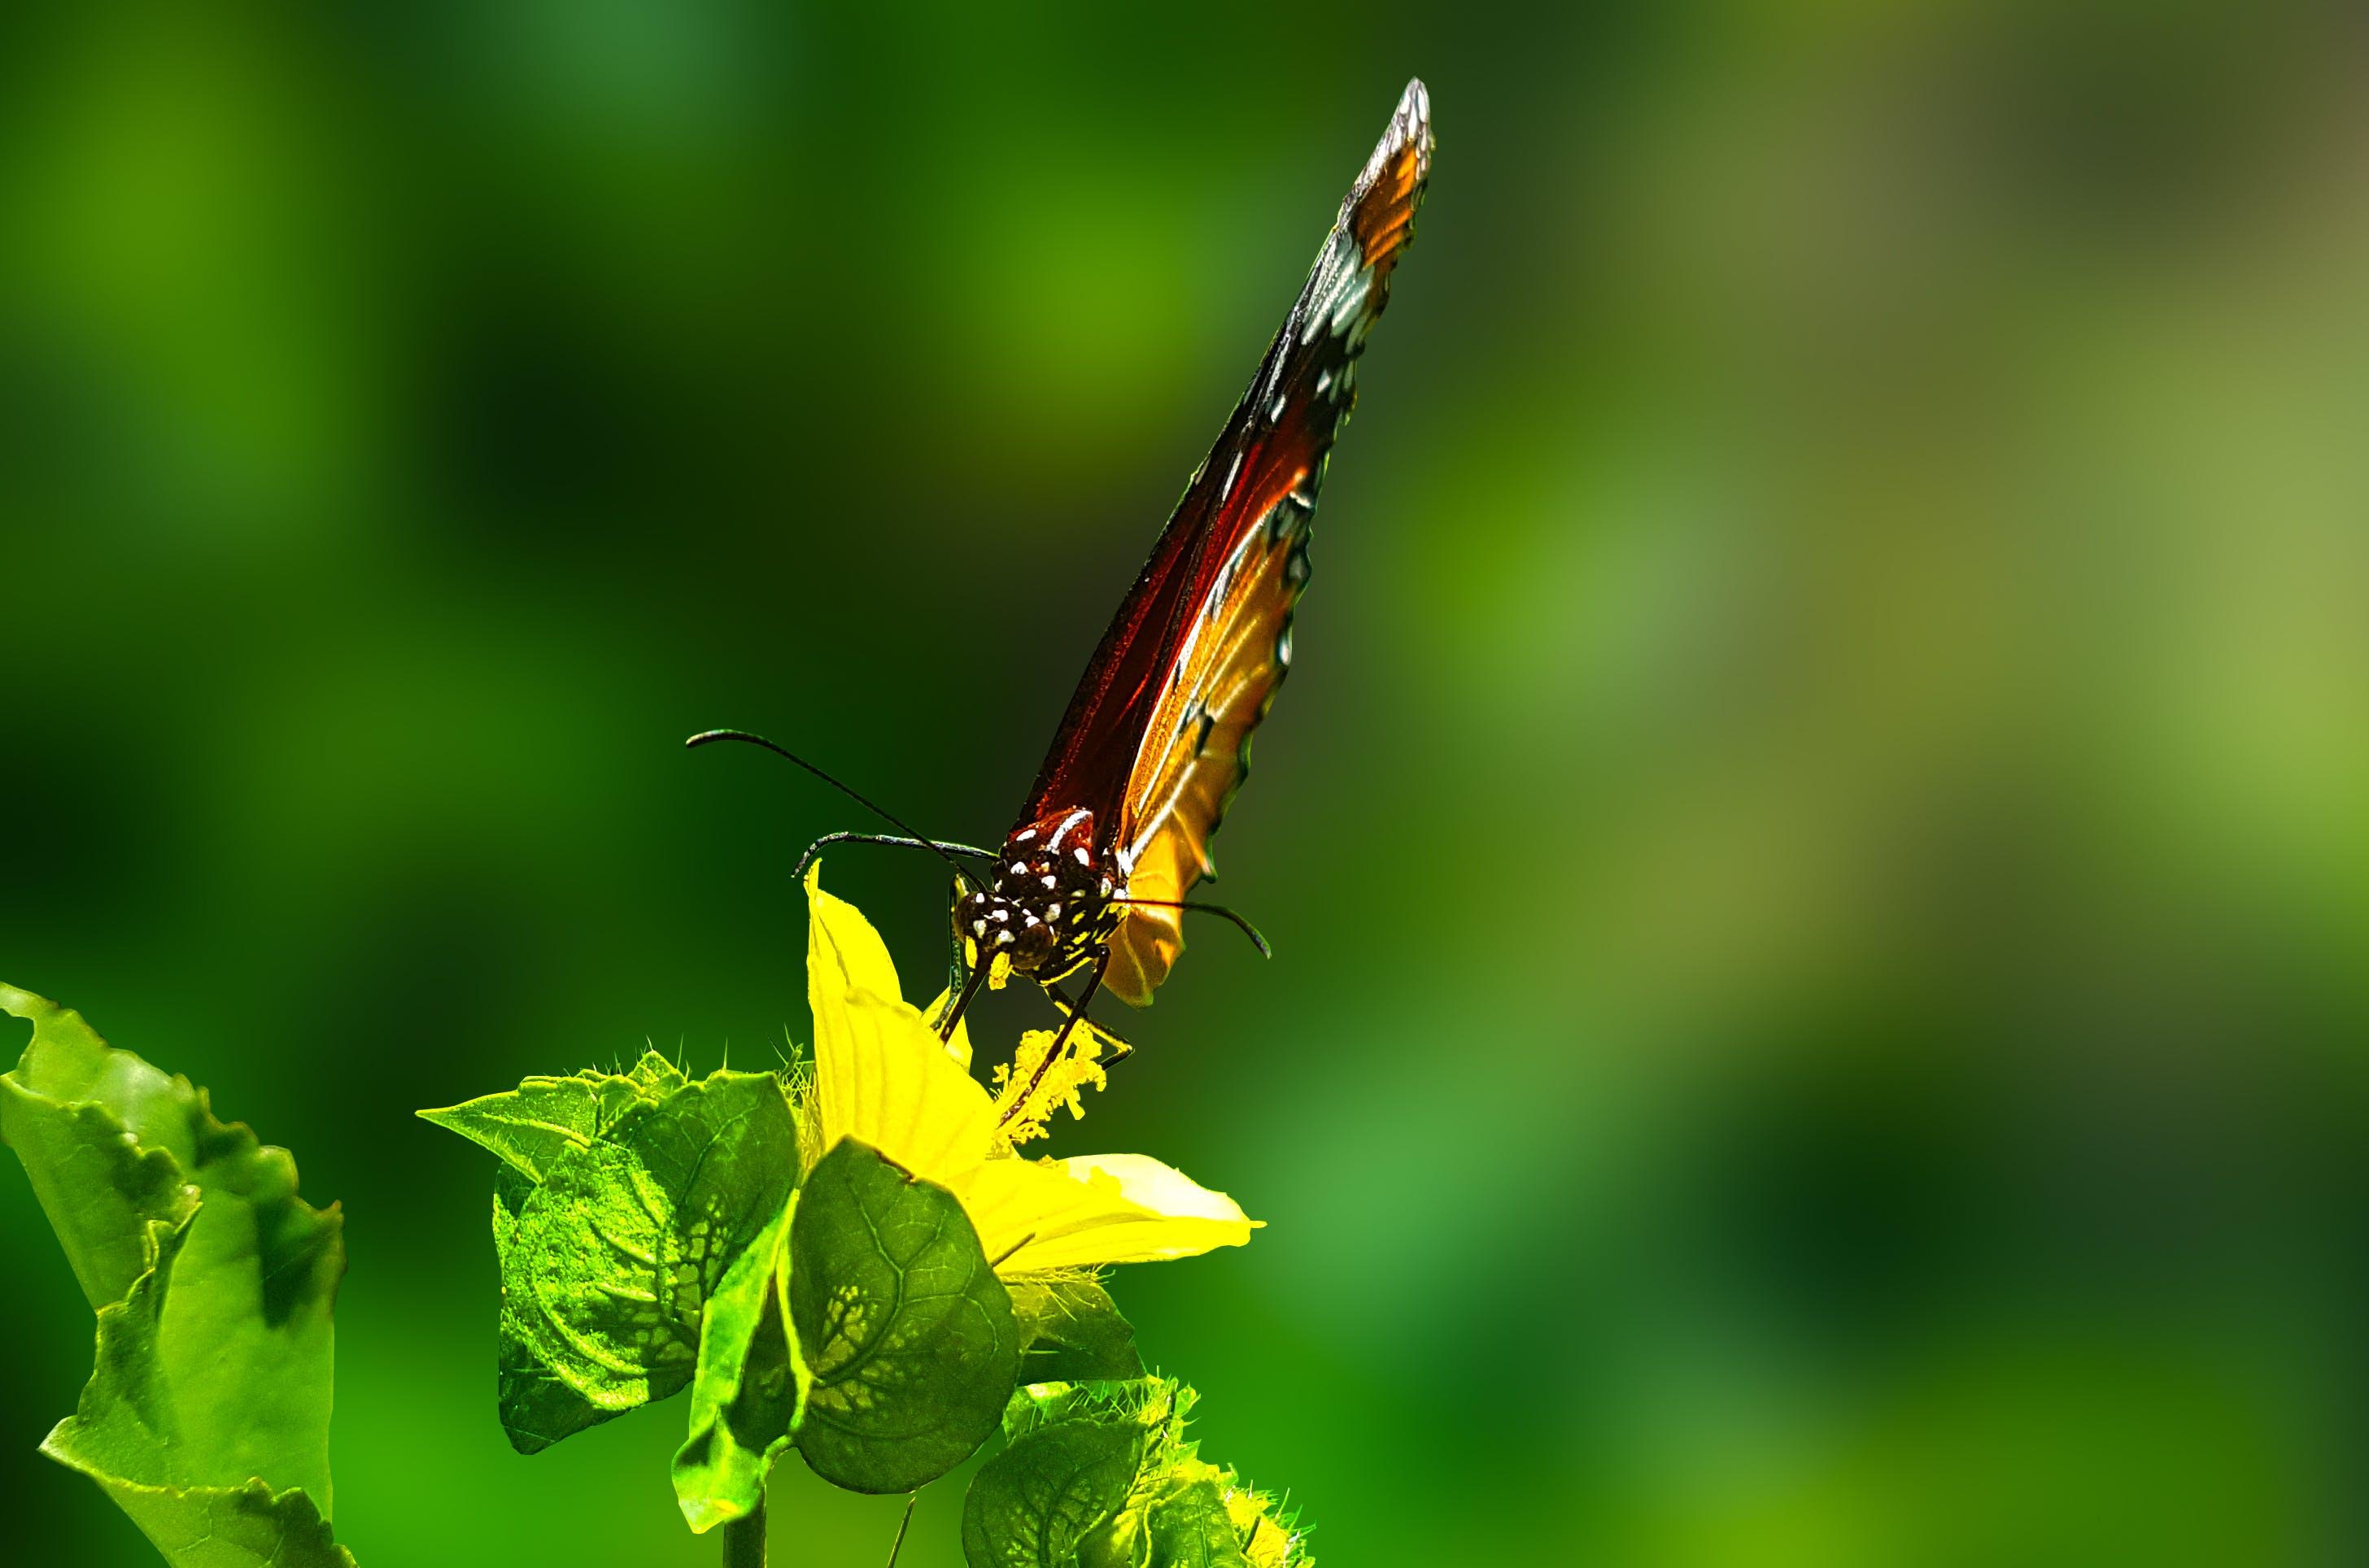 Δωρεάν στοκ φωτογραφιών με άγρια φύση, ανάπτυξη, ασπόνδυλος, βιολογία